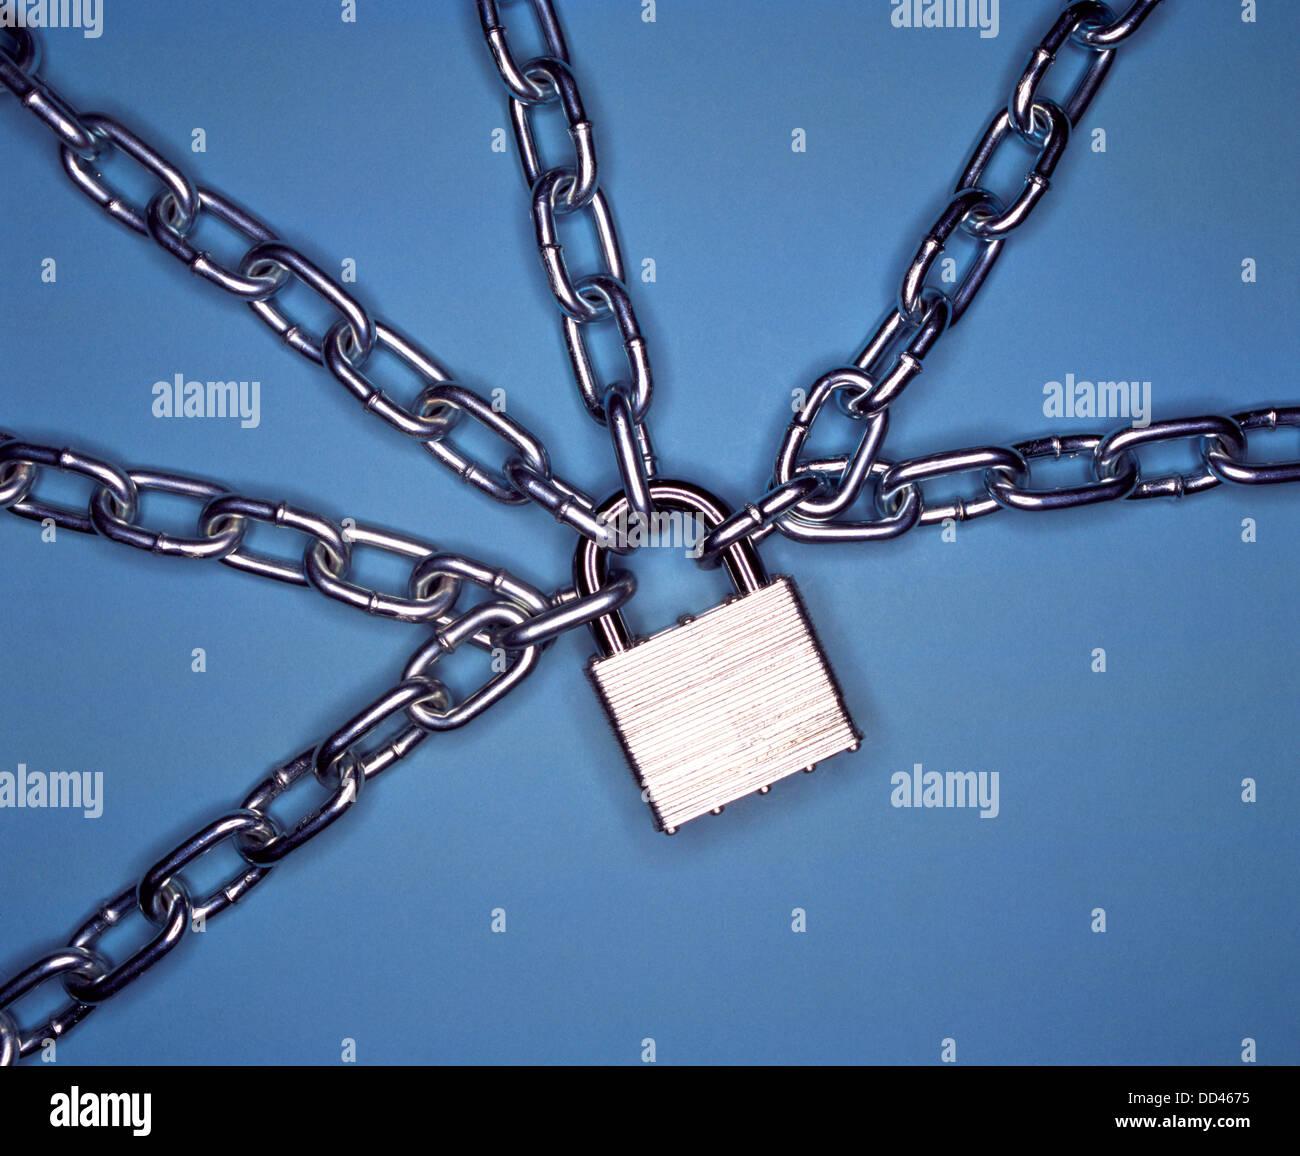 Un lucchetto in metallo detenuto da più catene metalliche. Sfondo blu Immagini Stock